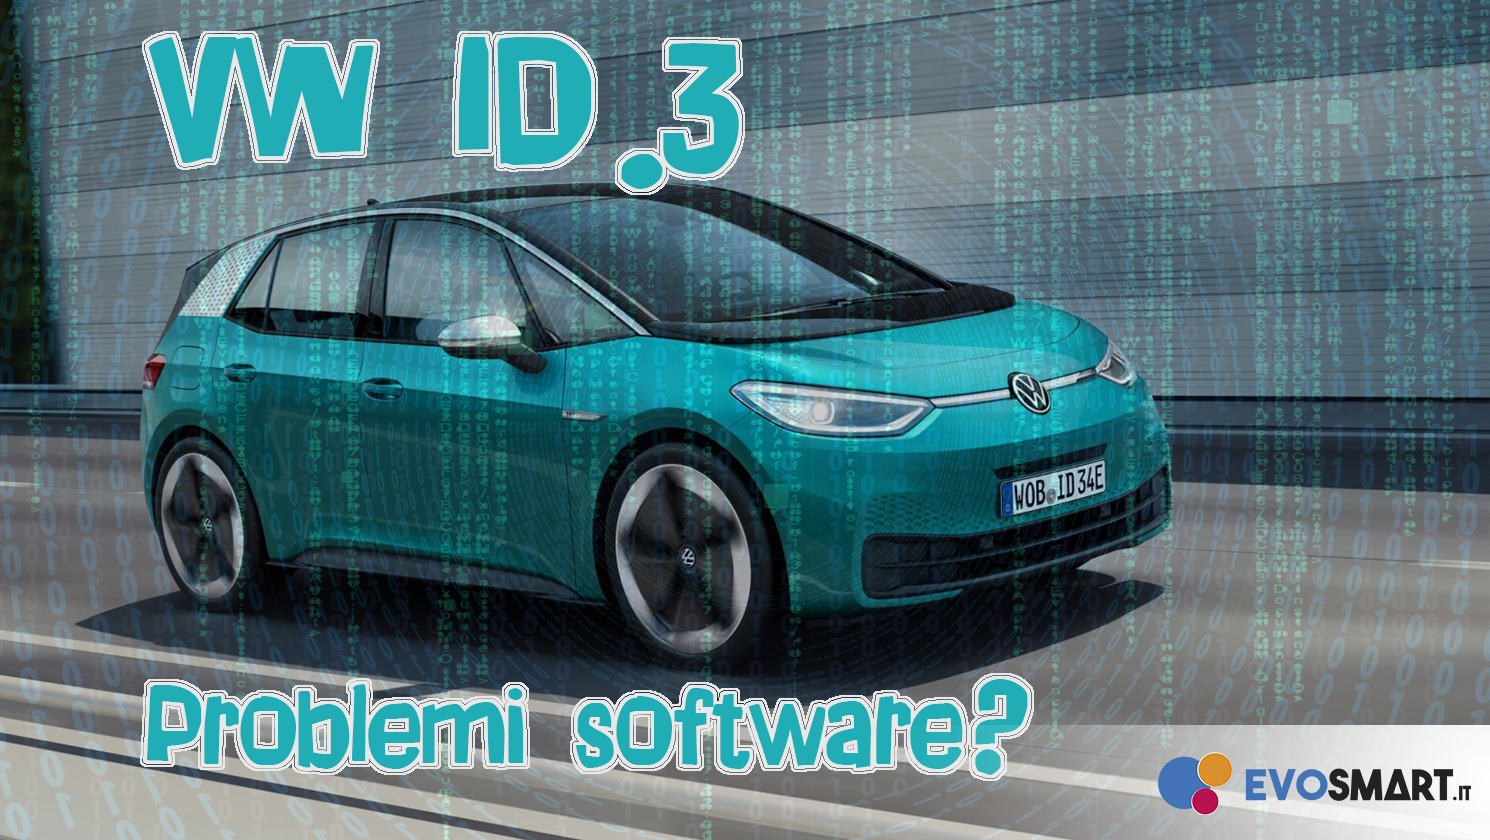 Auto elettriche - É così facile farle? Ecco cosa sta succedendo con la VolksWagen ID.3